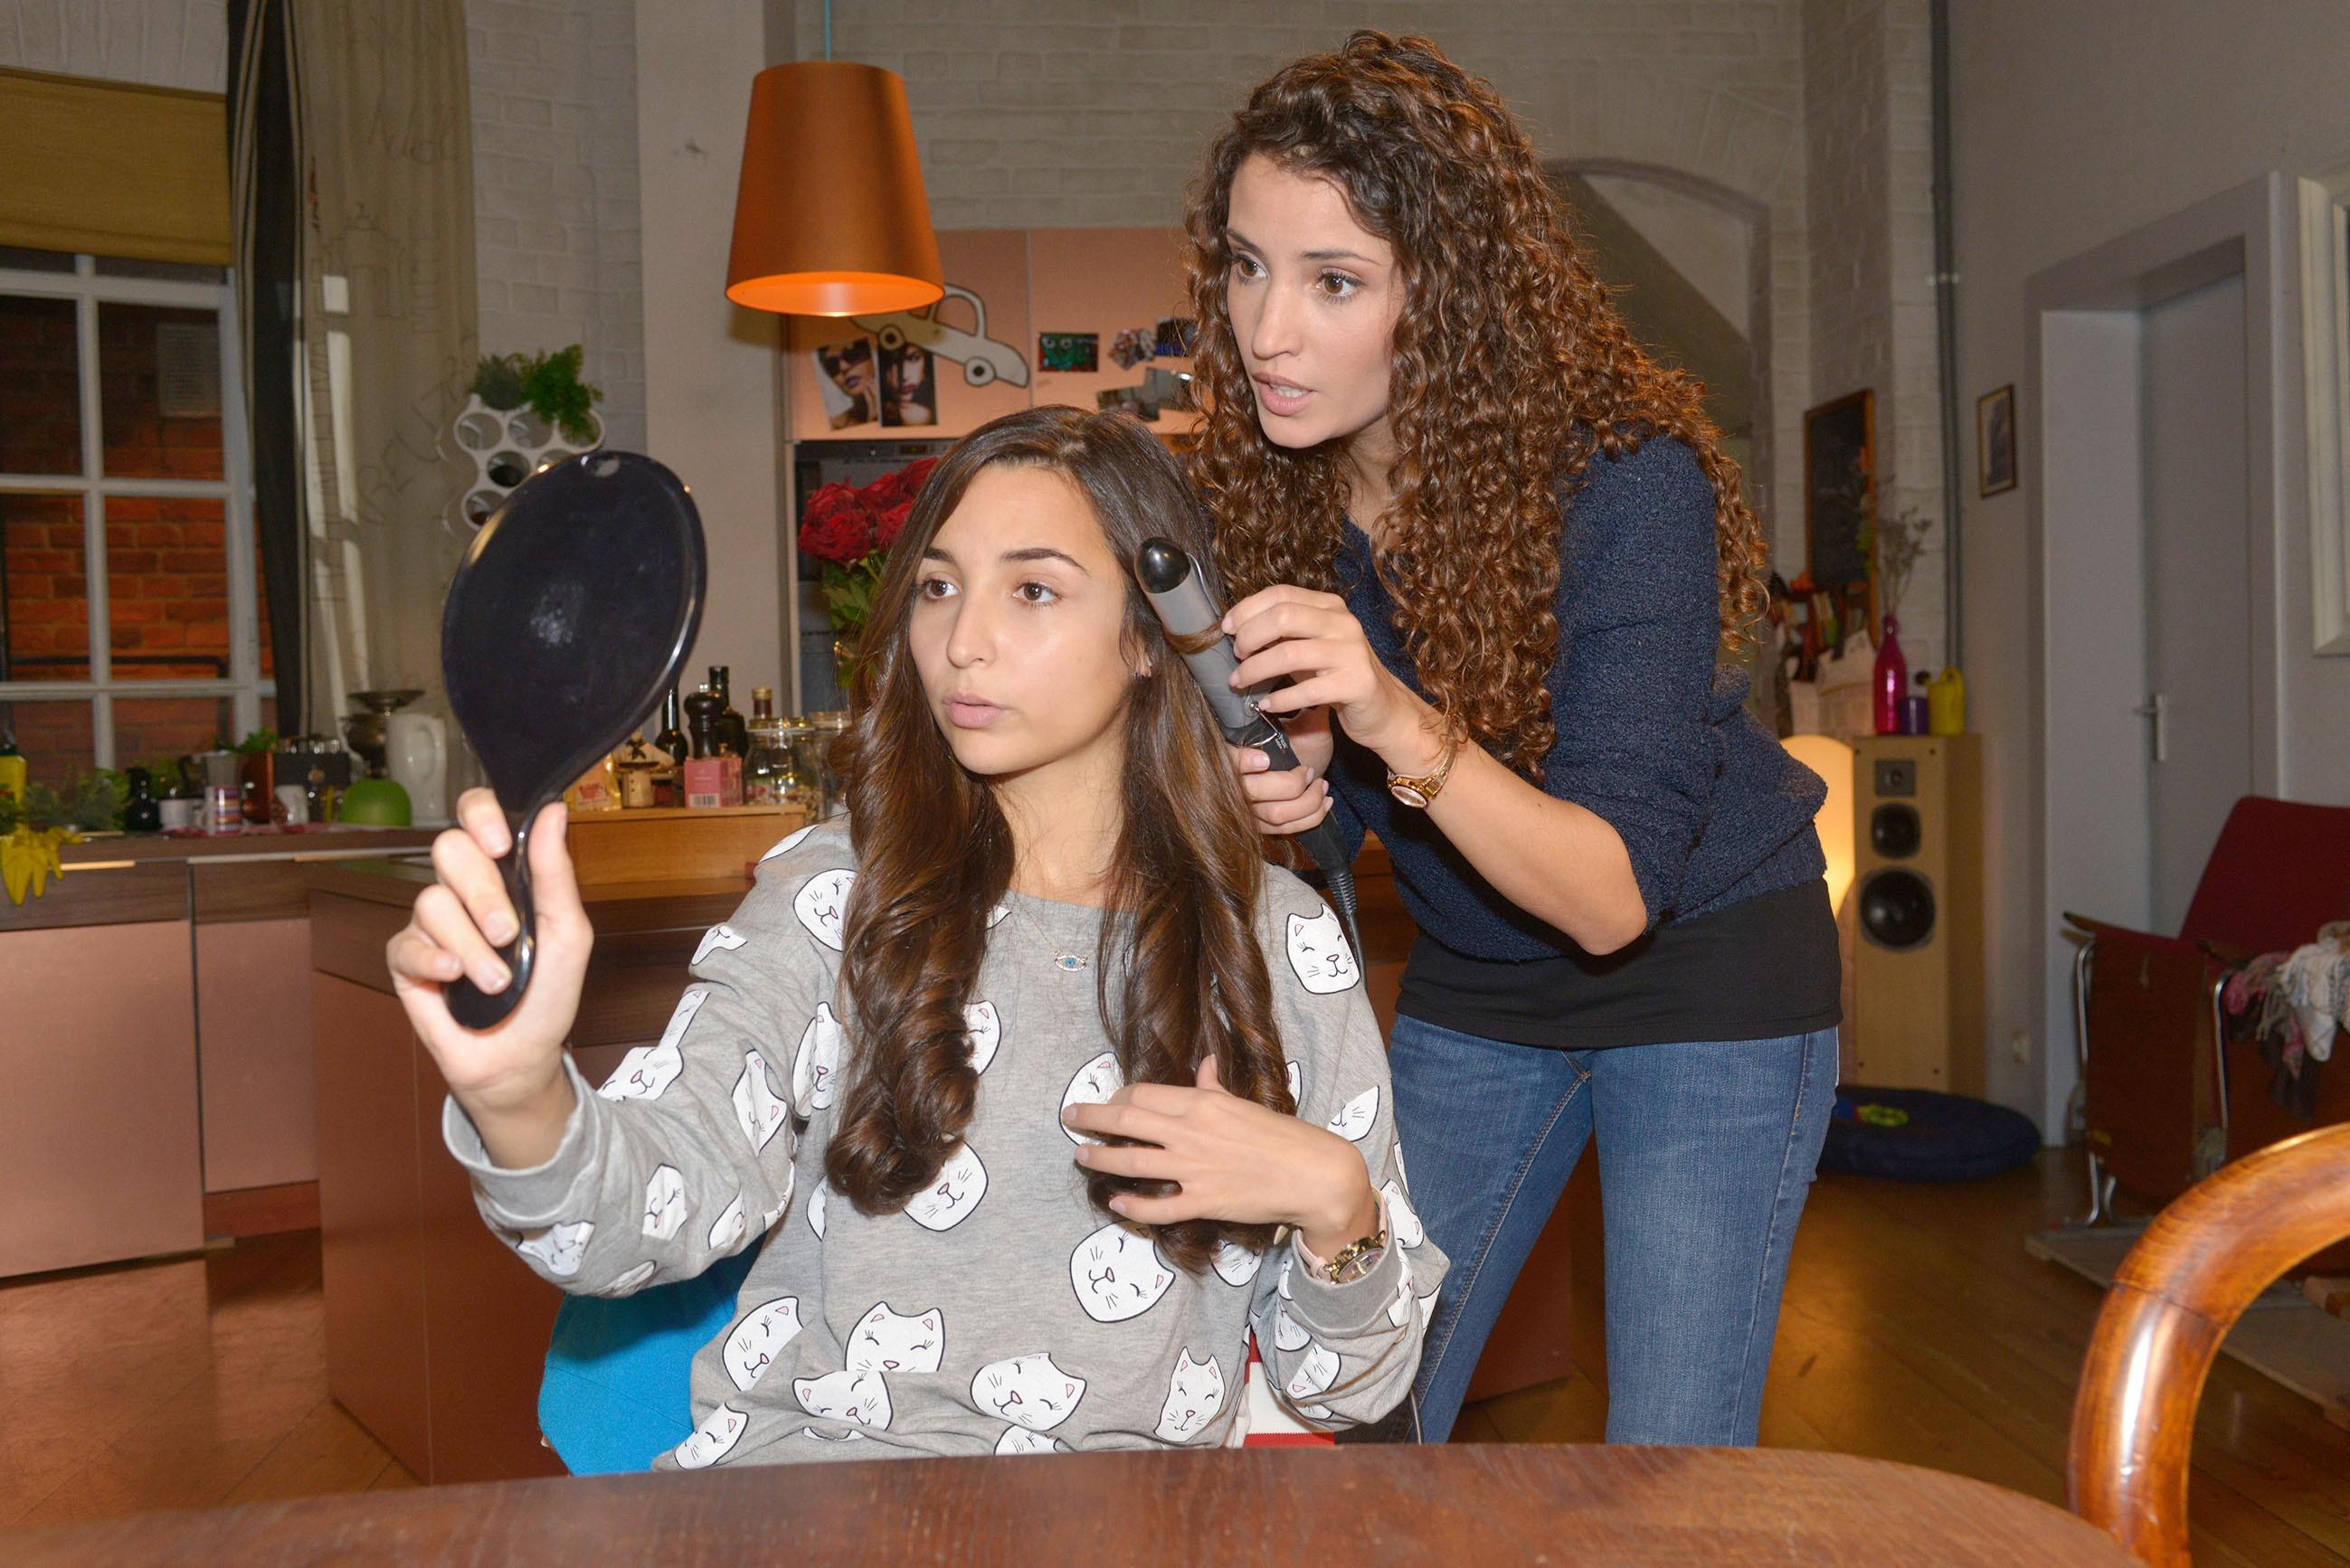 Ayla (Nadine Menz, r.) hilft der nervösen Selma (Rona Özkan), sich für ihr vemeintliches Date mit Jonas zu stylen. (Quelle: RTL / Rolf Baumgartner)